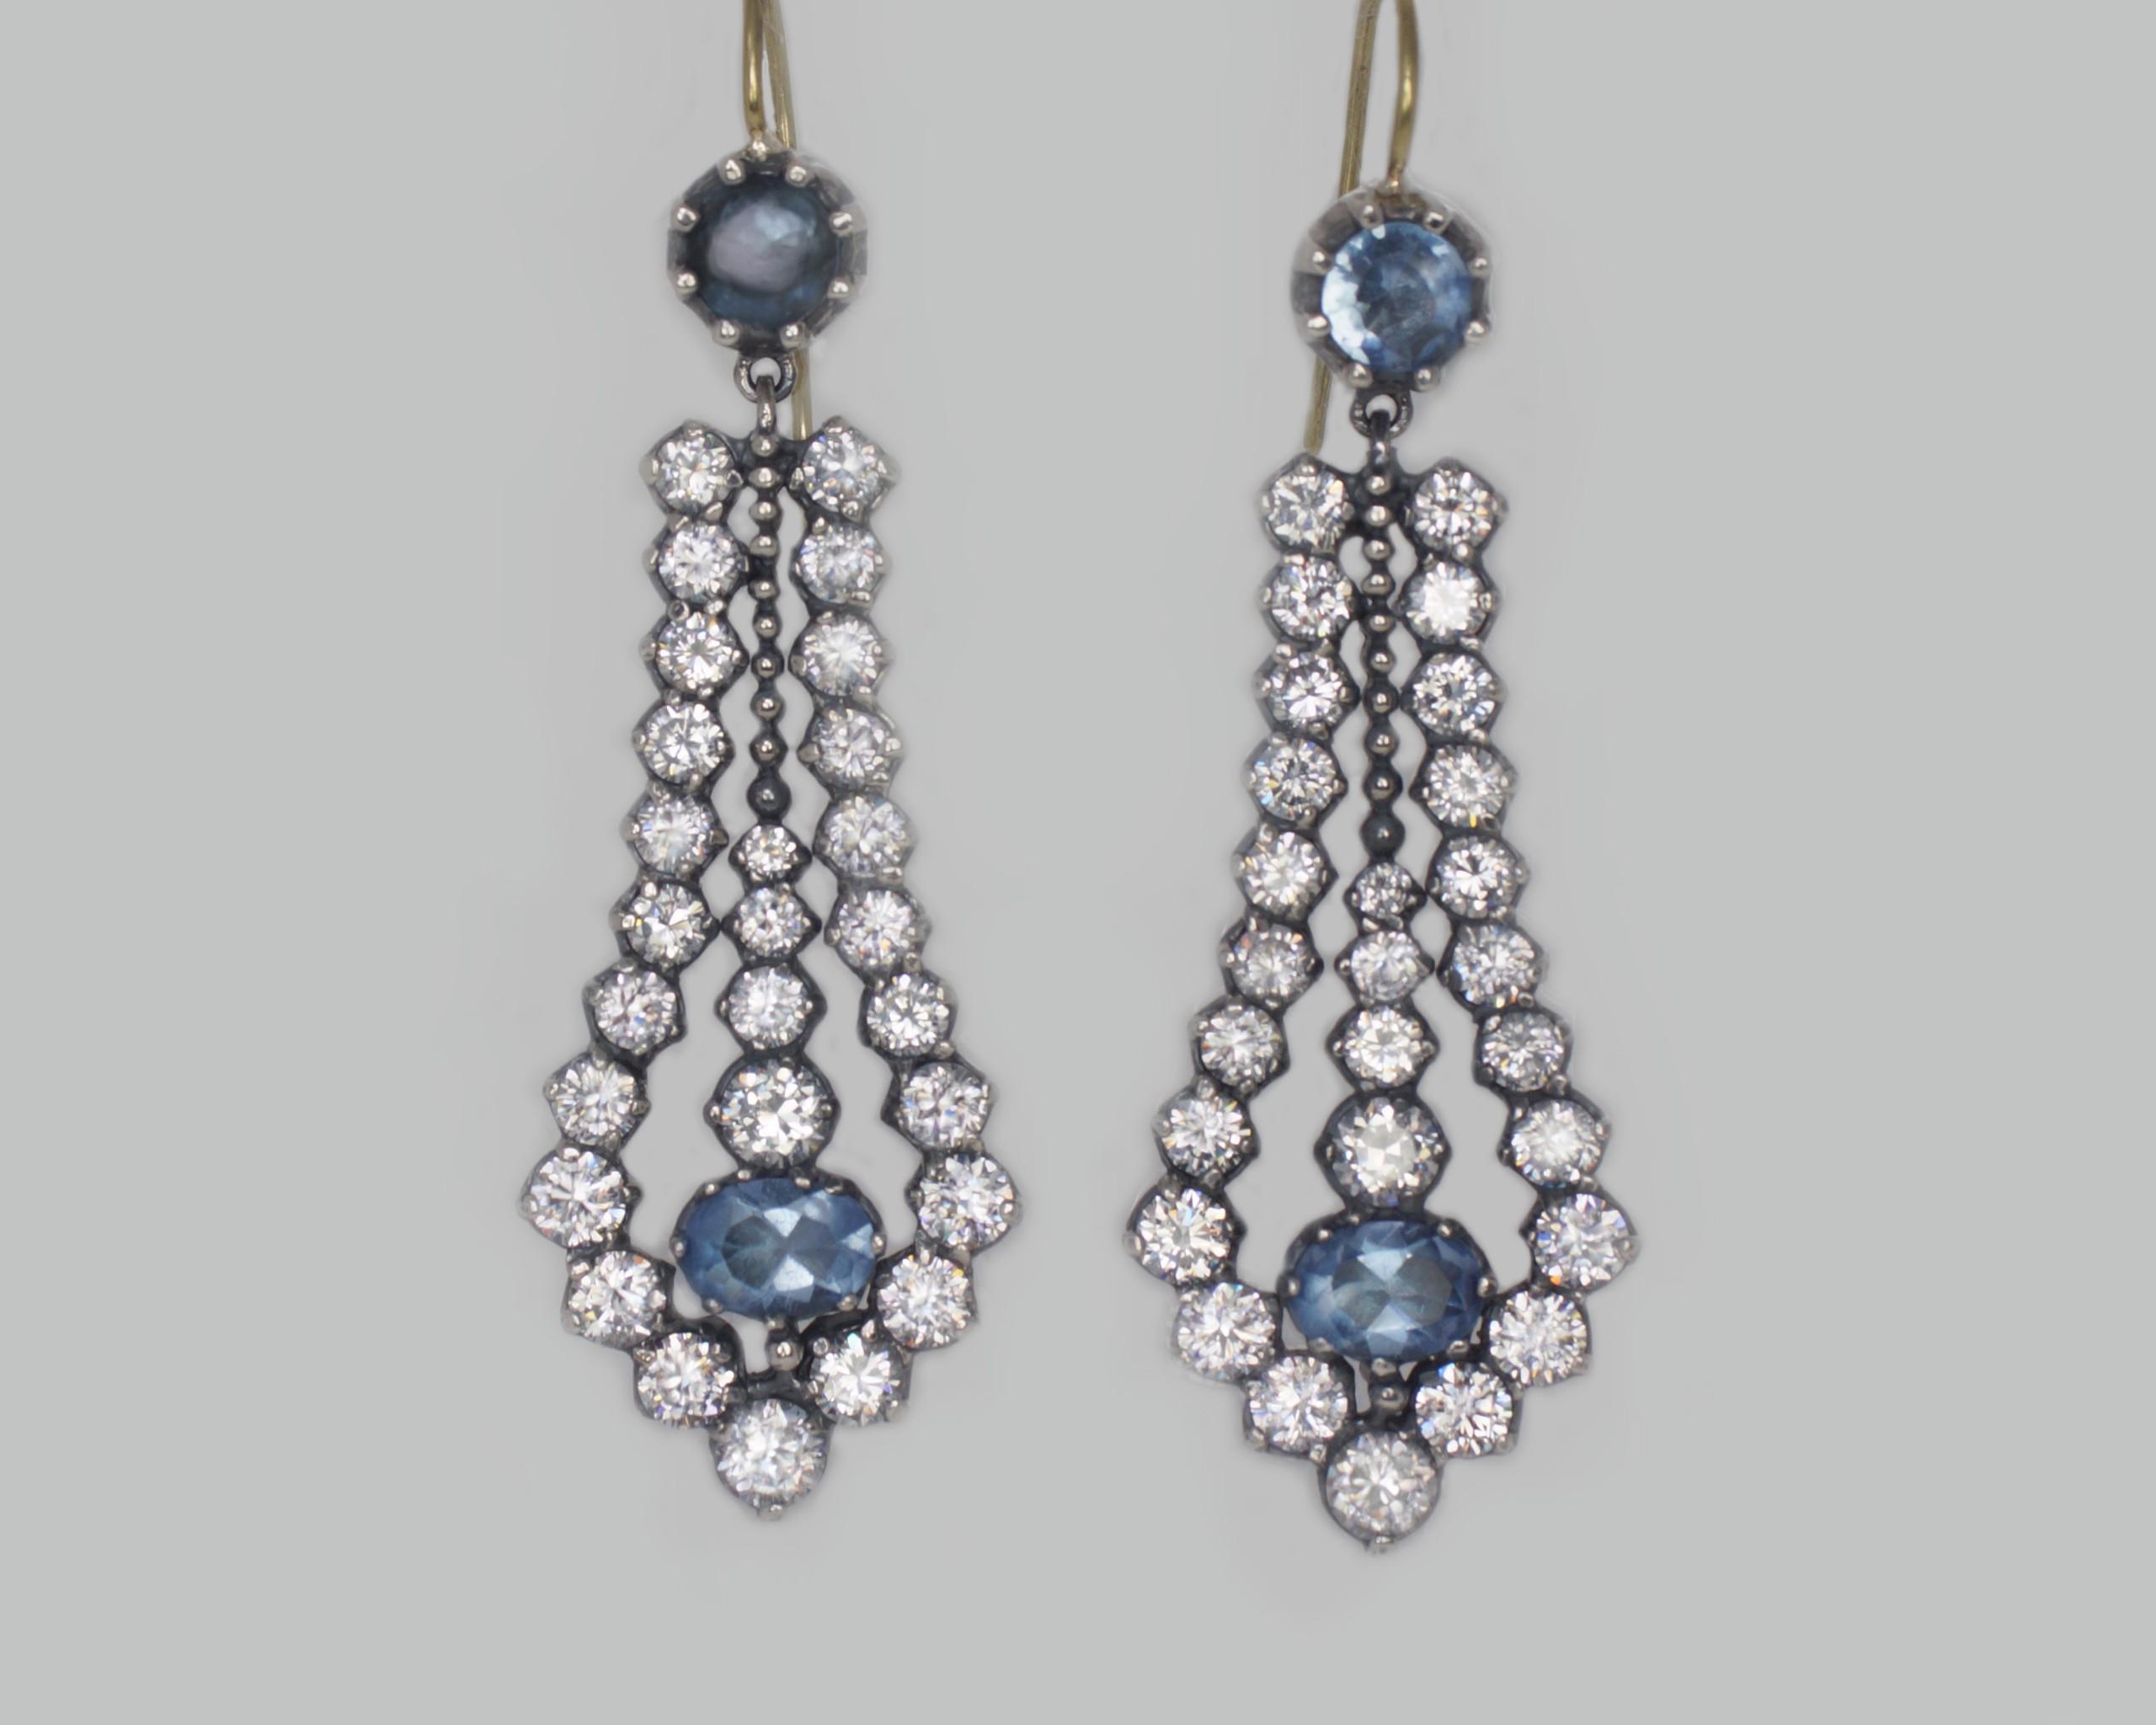 Antique Paste & Topaz Chandelier Earrings